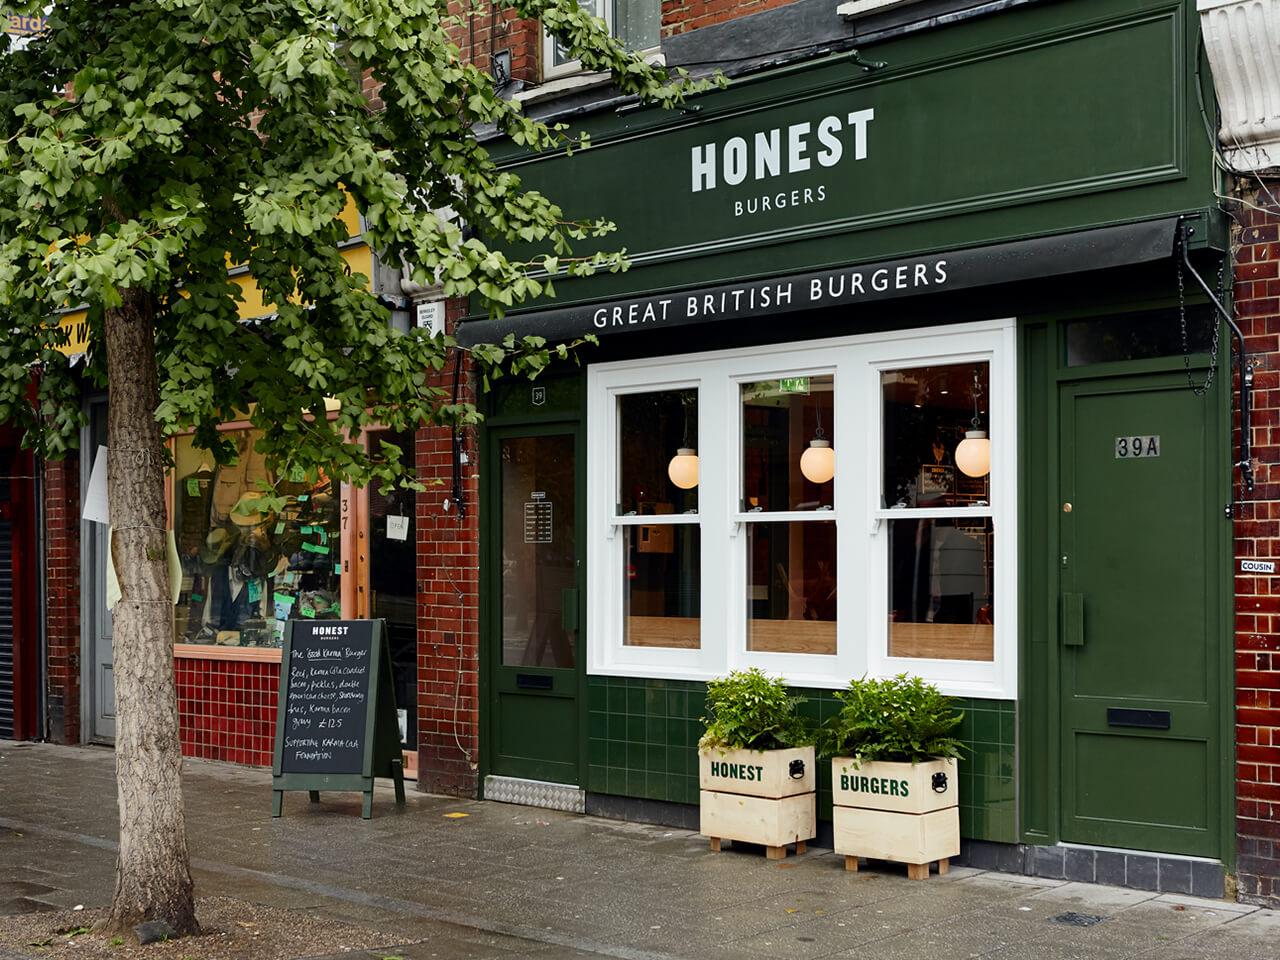 Waterloo Restaurant - Honest Burgers